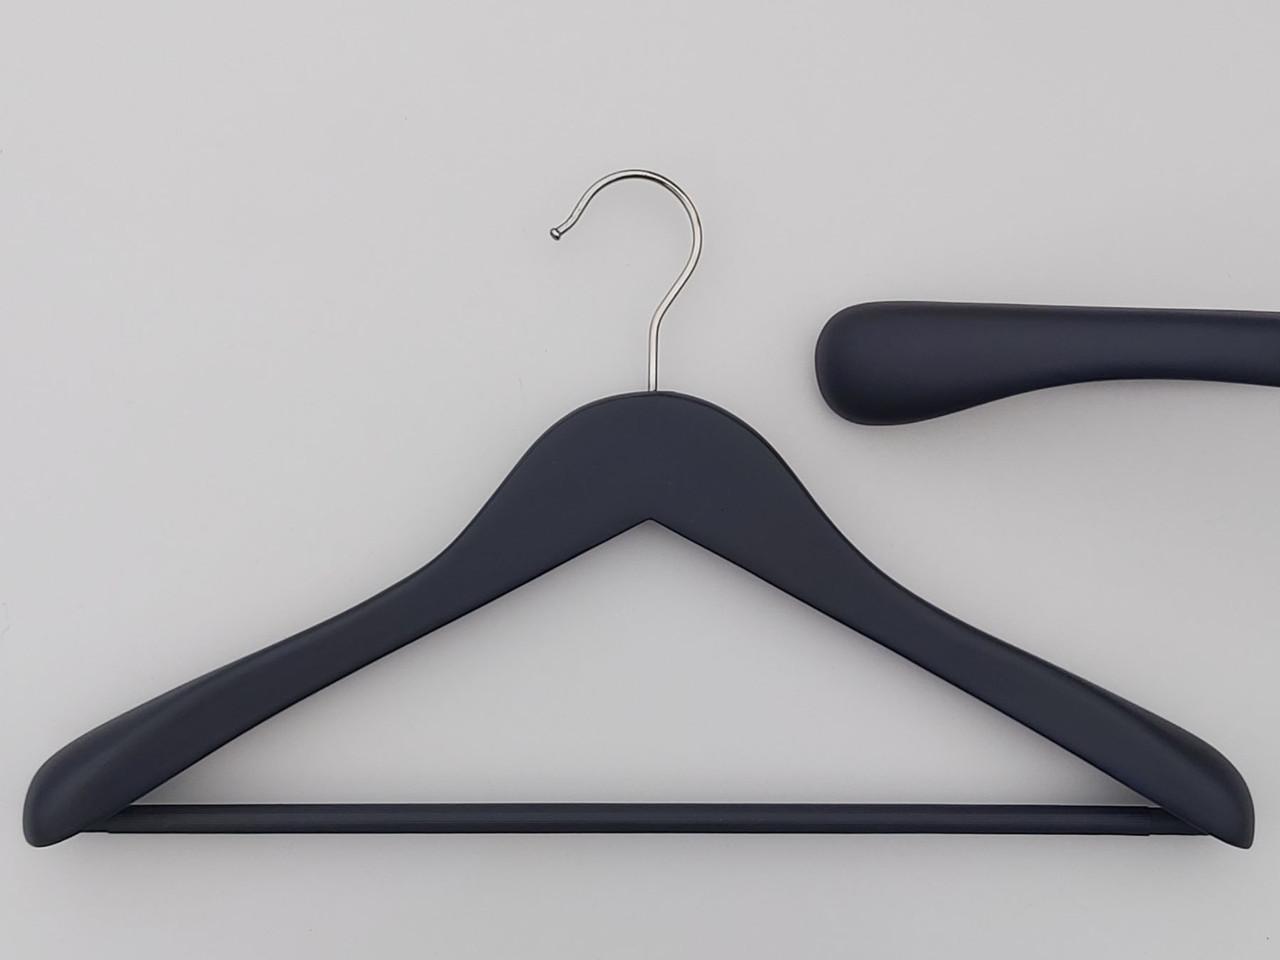 Плечики длиной 43 см вешалки деревянные широкие черно-синего цвета с антискользящей перекладиной